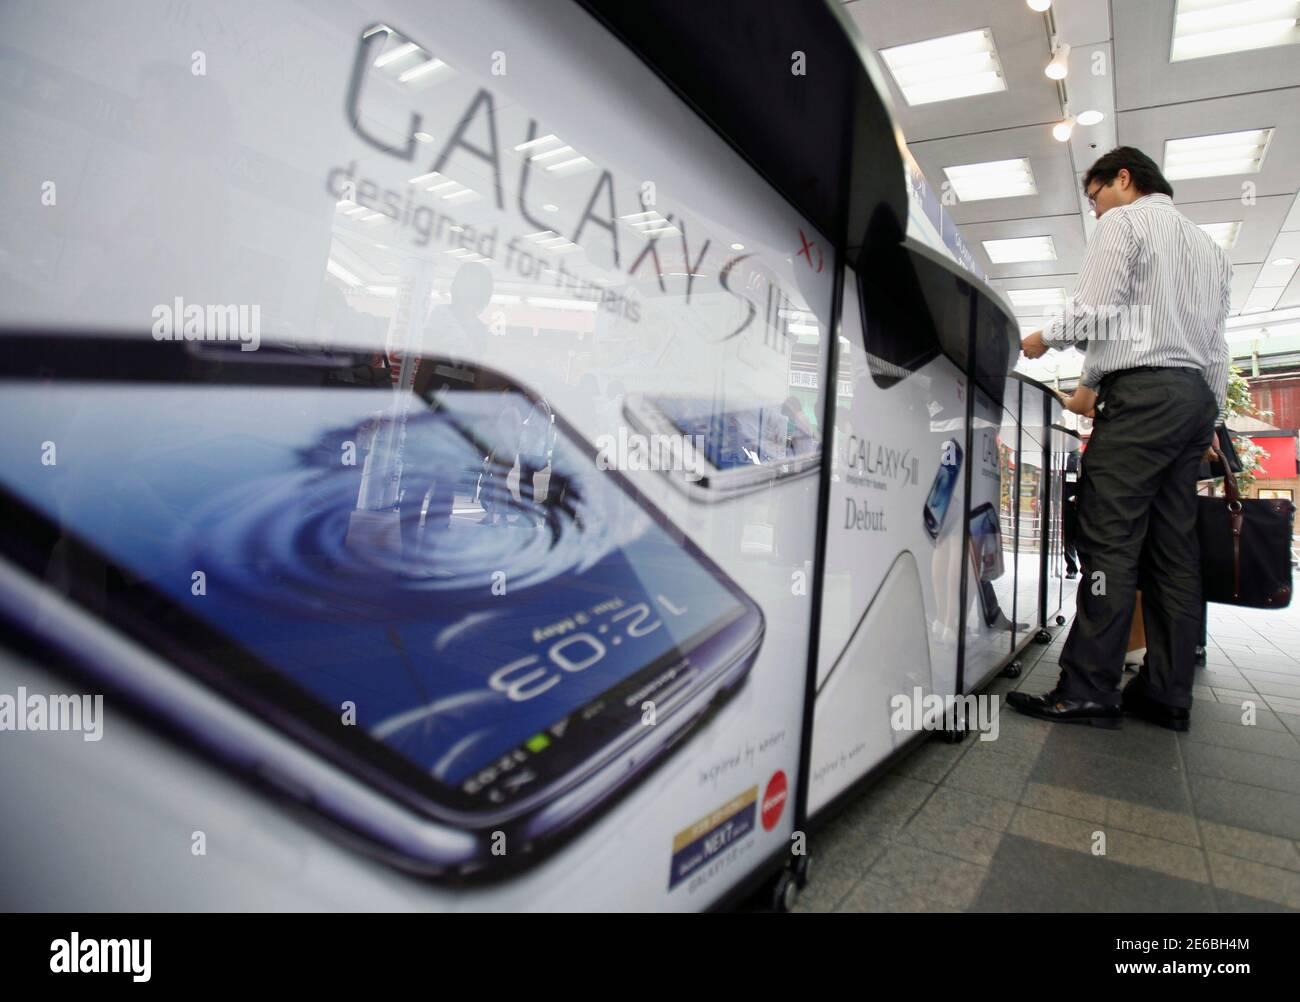 Un cliente prova uno smartphone Samsung Galaxy S III, rilasciato dal più grande gestore di telefonia mobile giapponese NTT Docomo Inc, in un negozio di elettronica a Tokyo il 28 giugno 2012. Il Galaxy S III ha ricevuto le recensioni più positive tra tutti gli smartphone Samsung, e il gigante della tecnologia dice che il telefono è sulla buona strada per diventare il suo smartphone più venduto, con le vendite probabilmente a top 10 milioni nei primi due mesi dal suo lancio. REUTERS/Yuriko Nakao (GIAPPONE - Tag: SCIENZA TECNOLOGIA BUSINESS TELECOMUNICAZIONI) Foto Stock